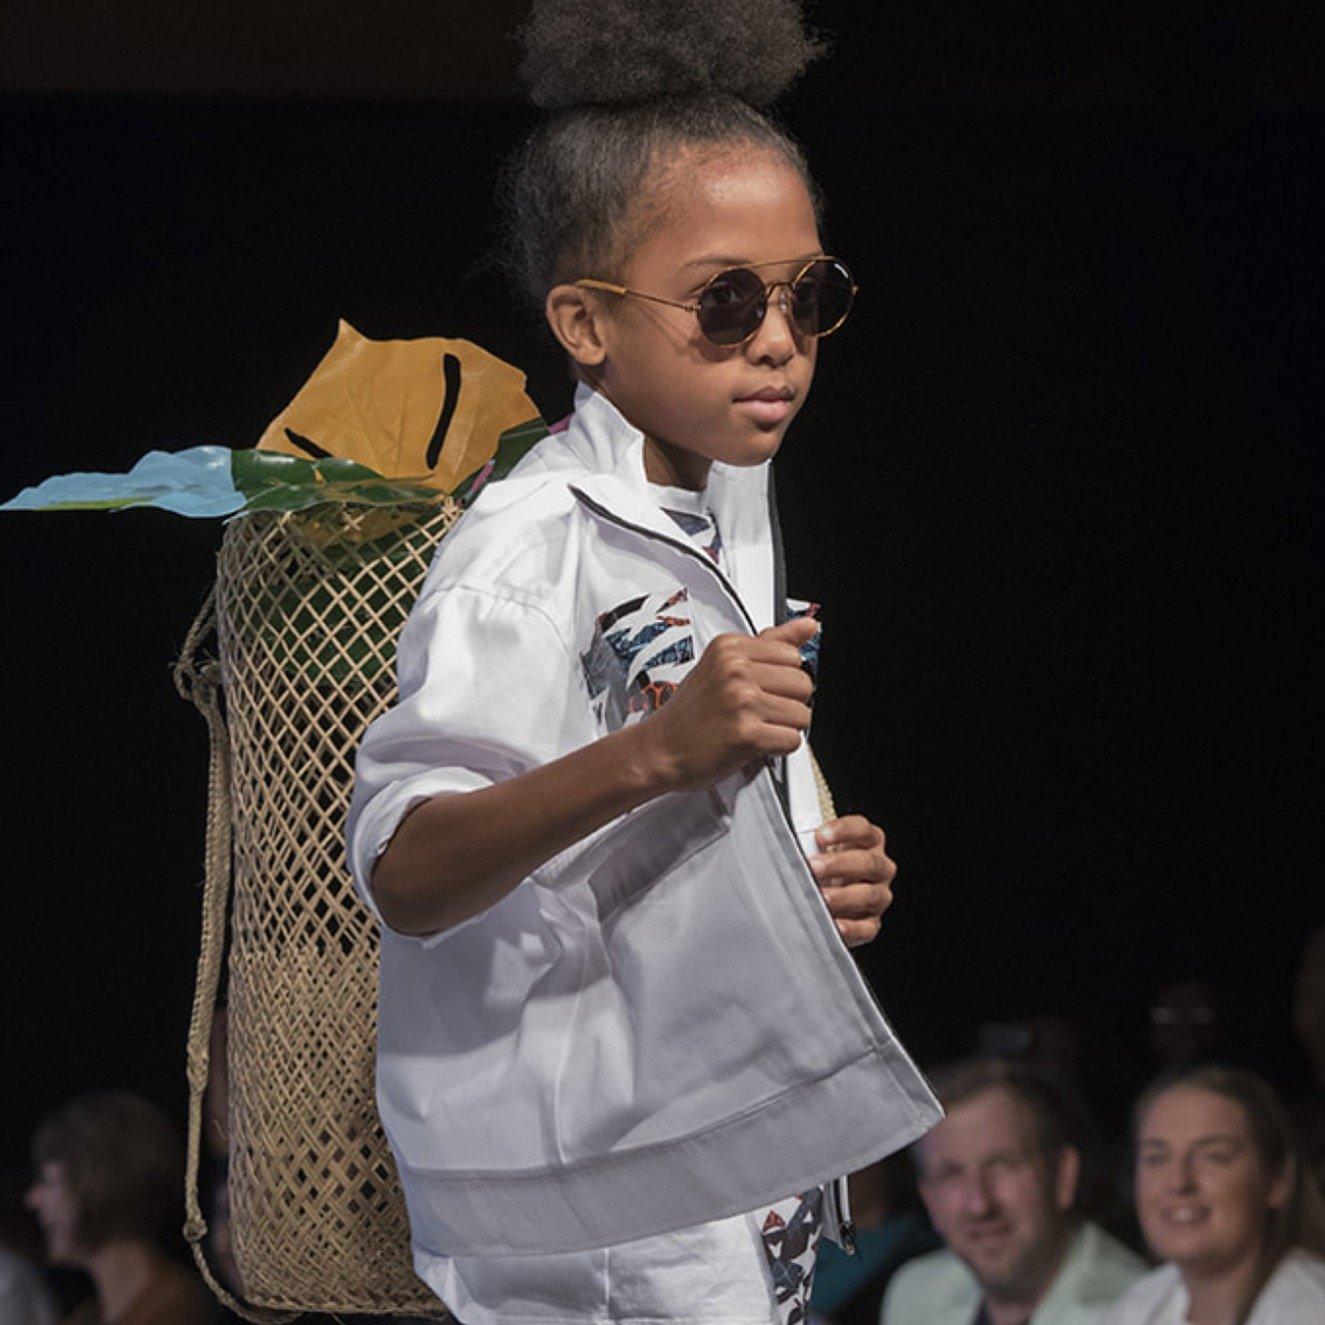 389670a07 Mini Mode- London s Premier Kid s Fashion Week Announces Debut ...